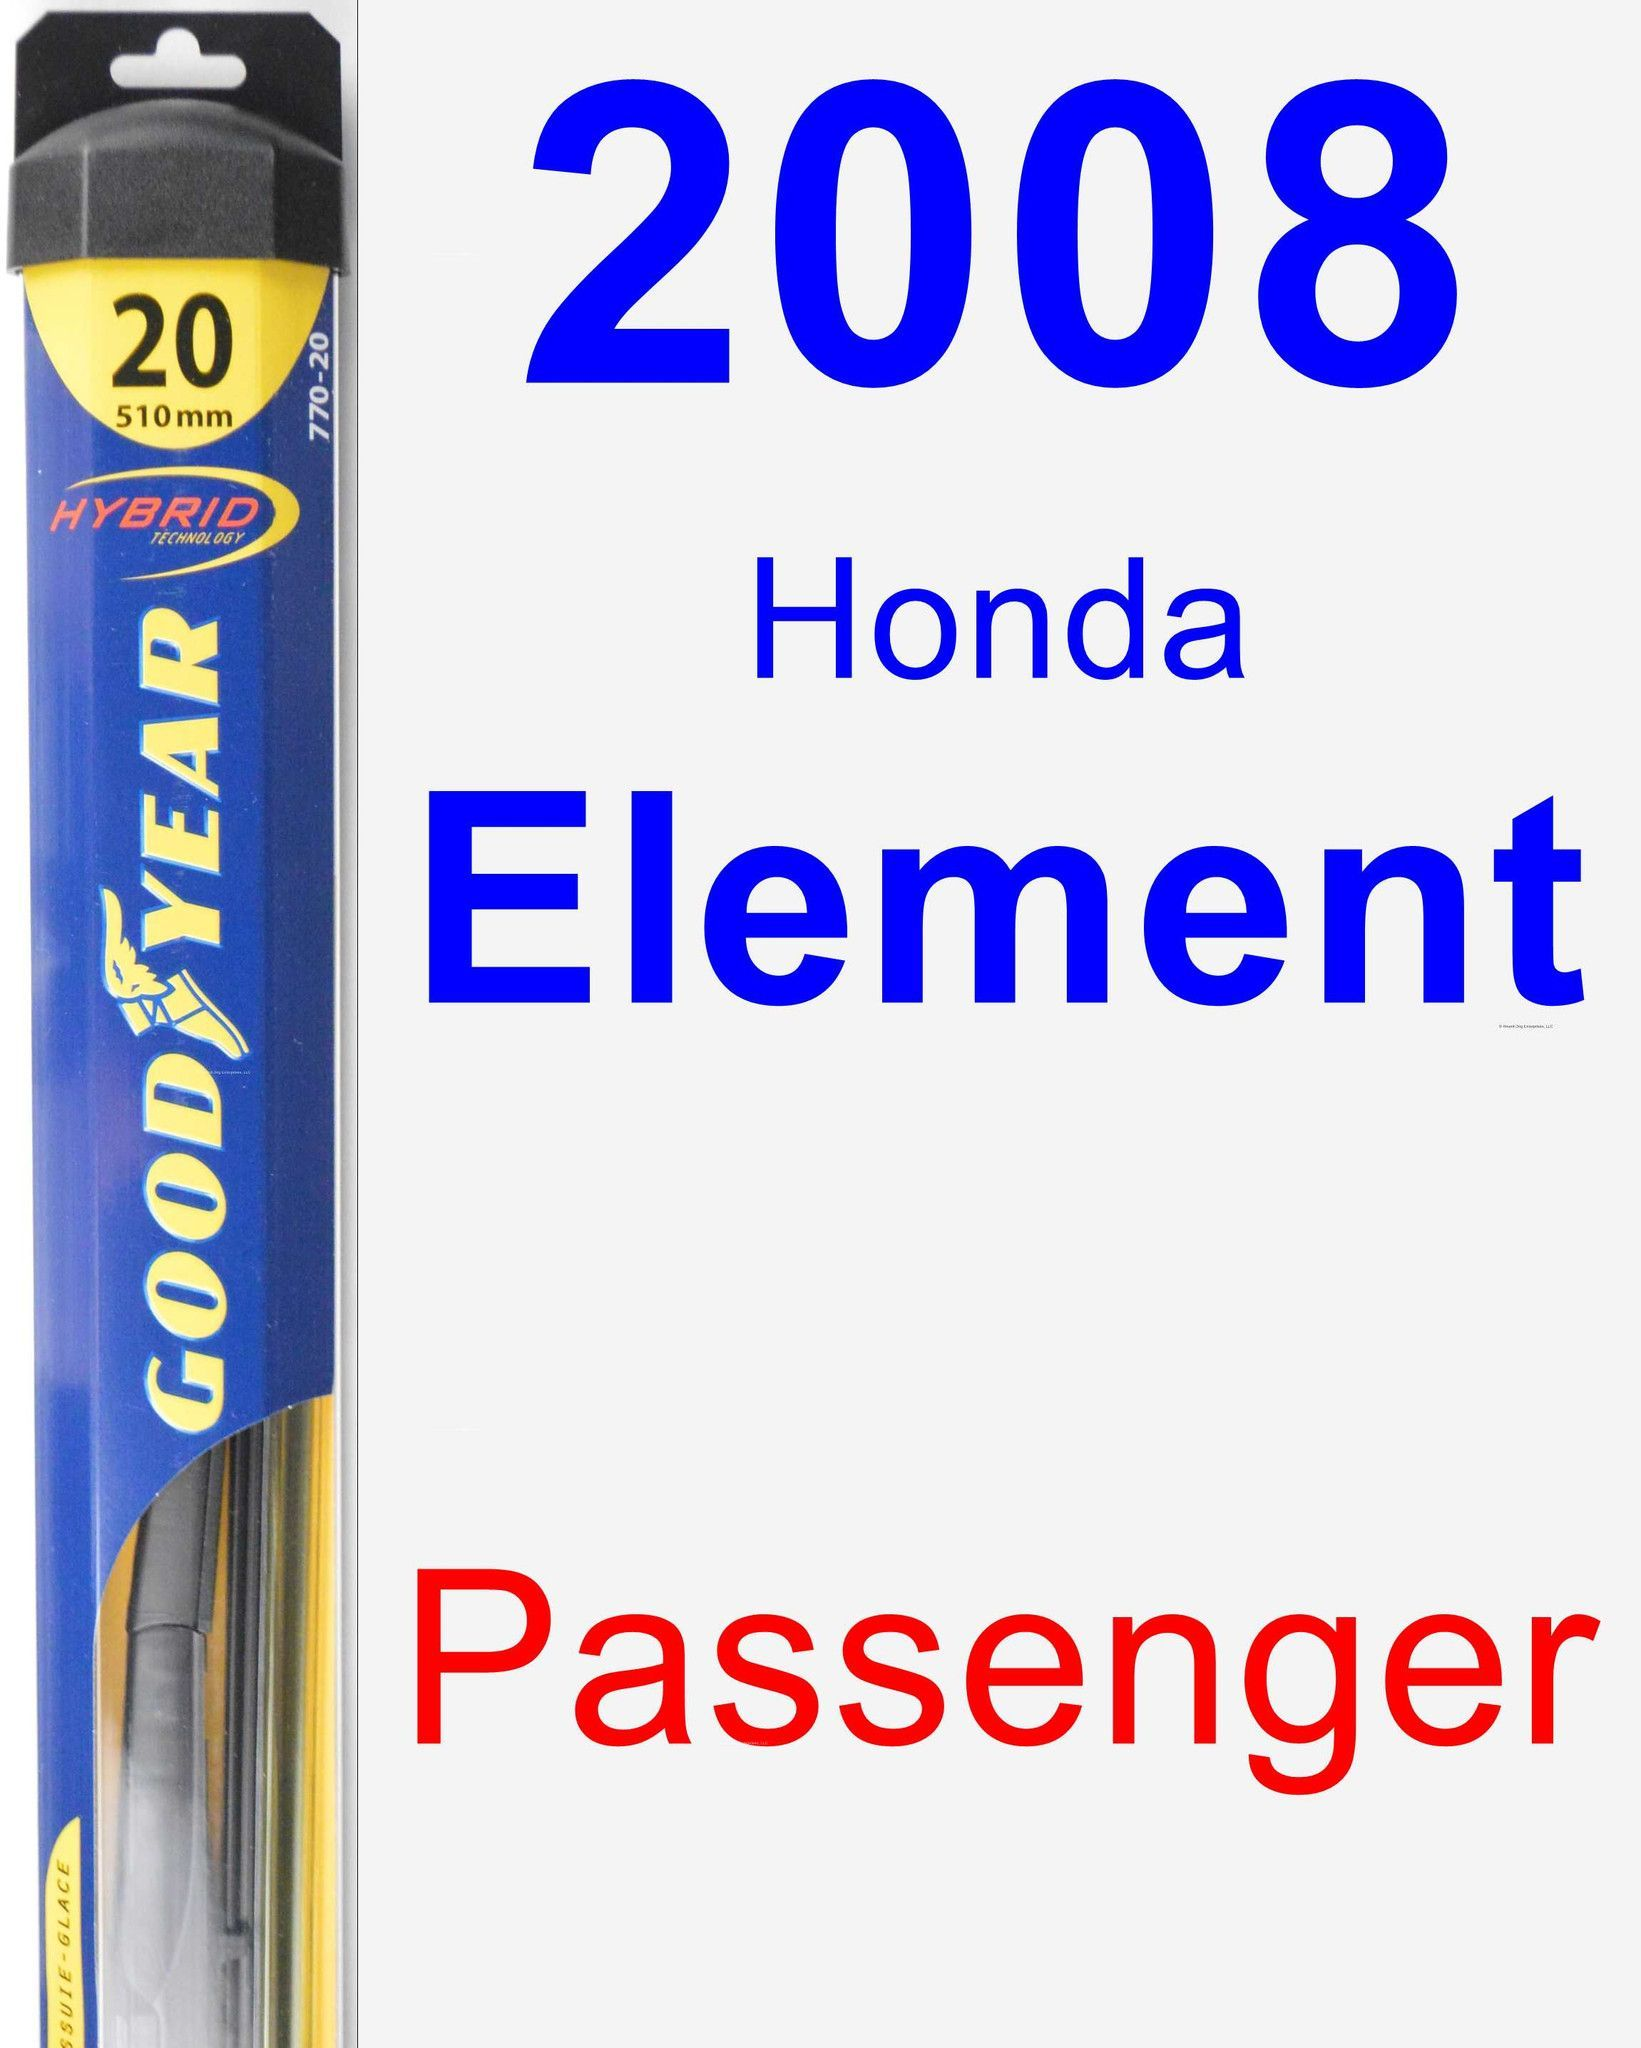 Passenger Wiper Blade For 2008 Honda Element